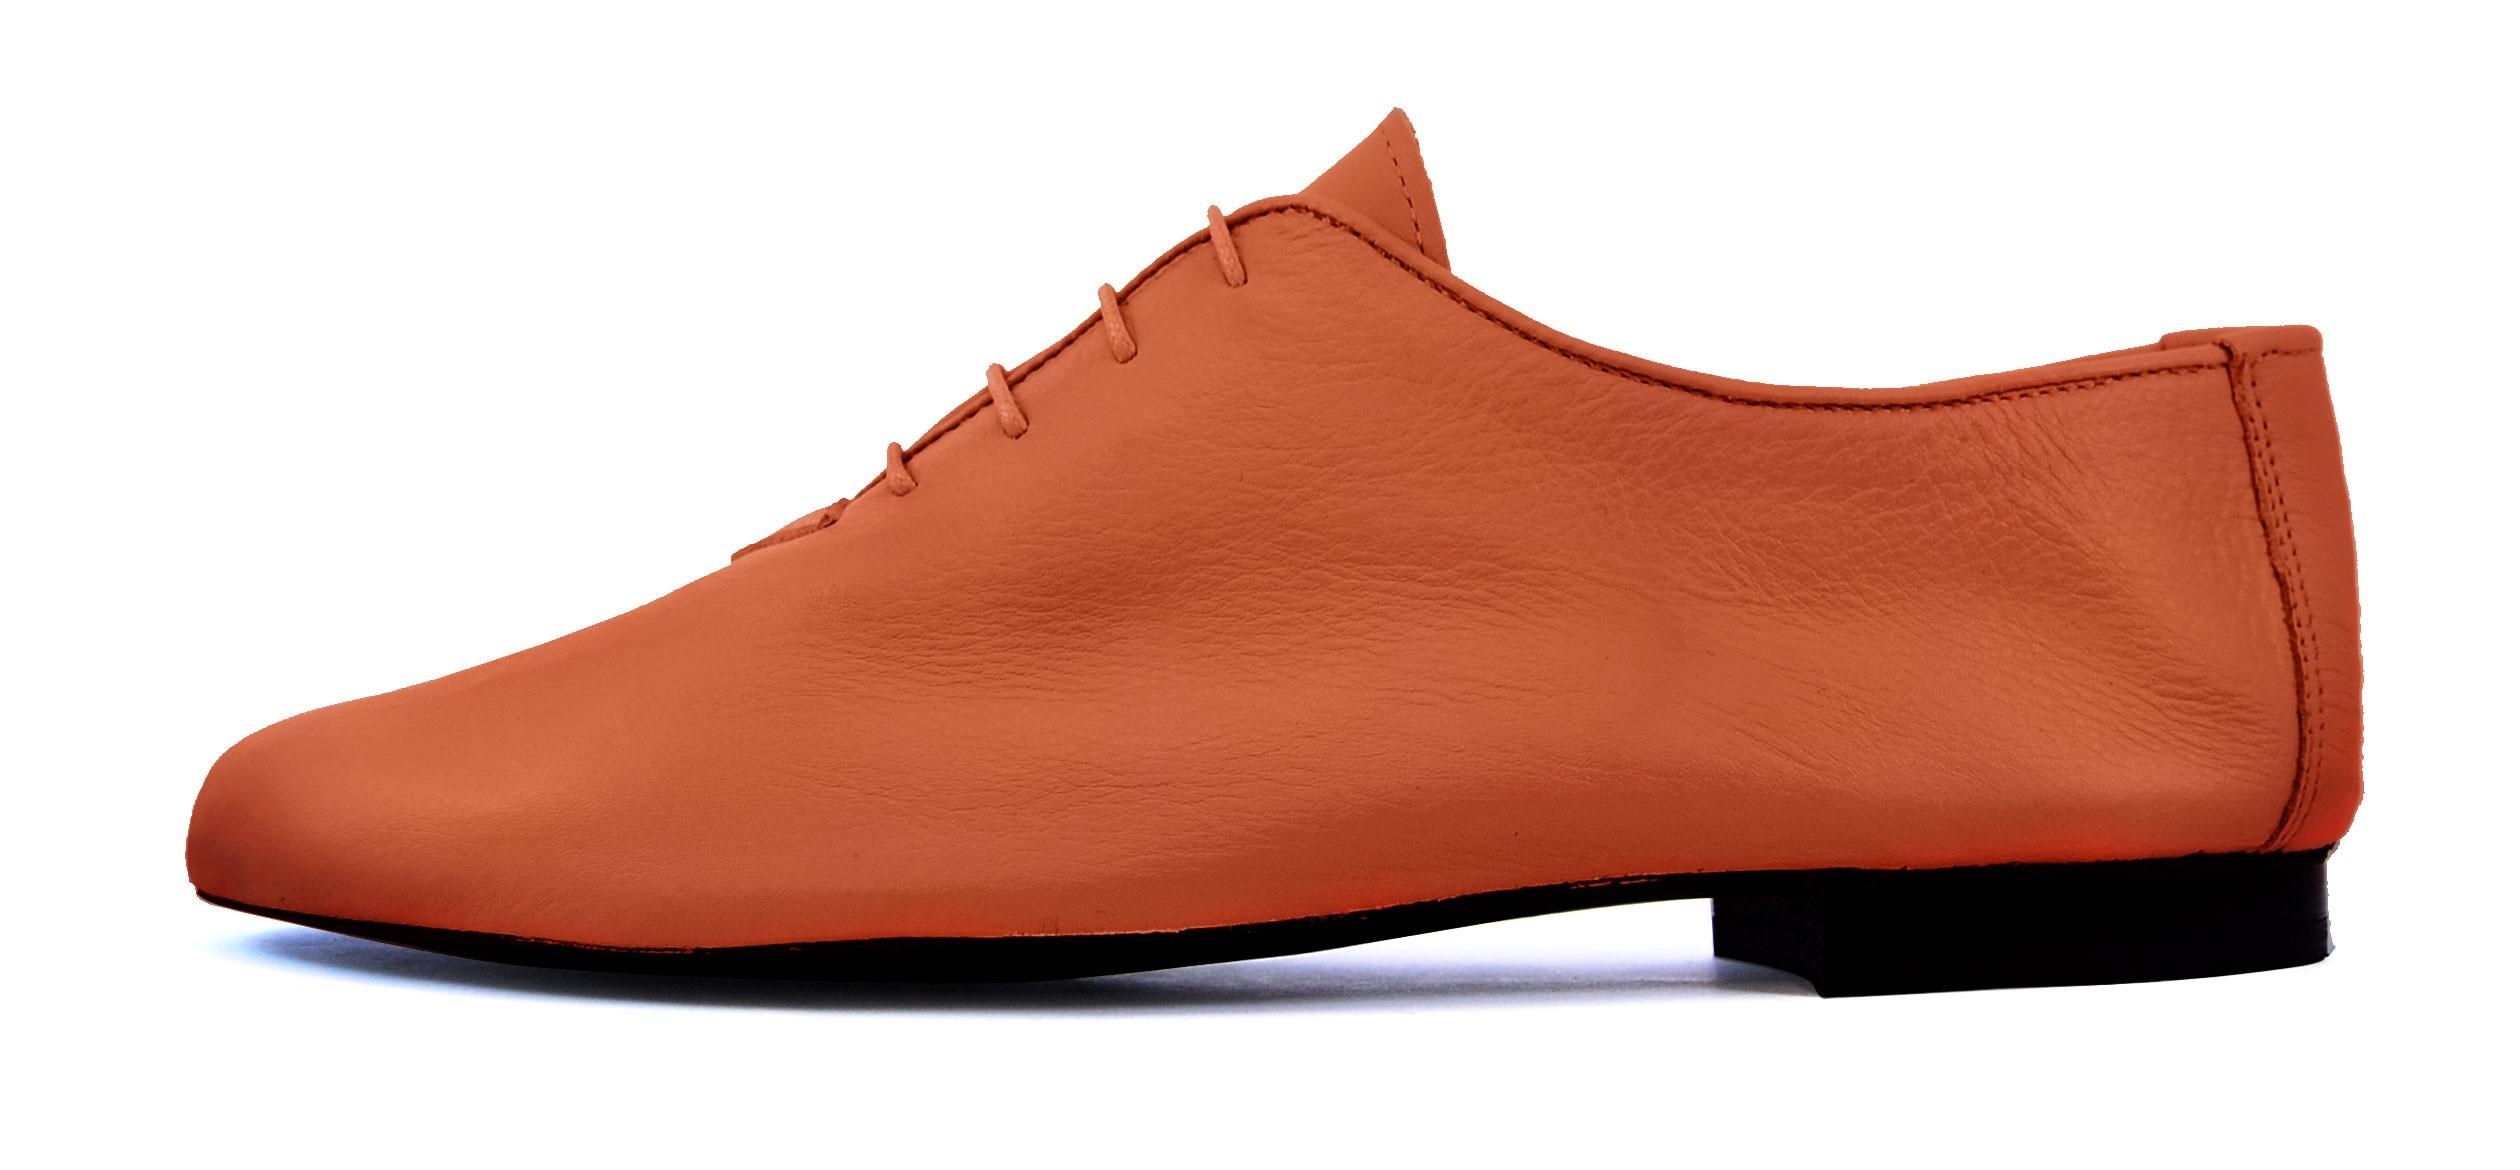 Foto 1 de Zapatos Julio Iglesias Cordon 529 JC Cuero Napa